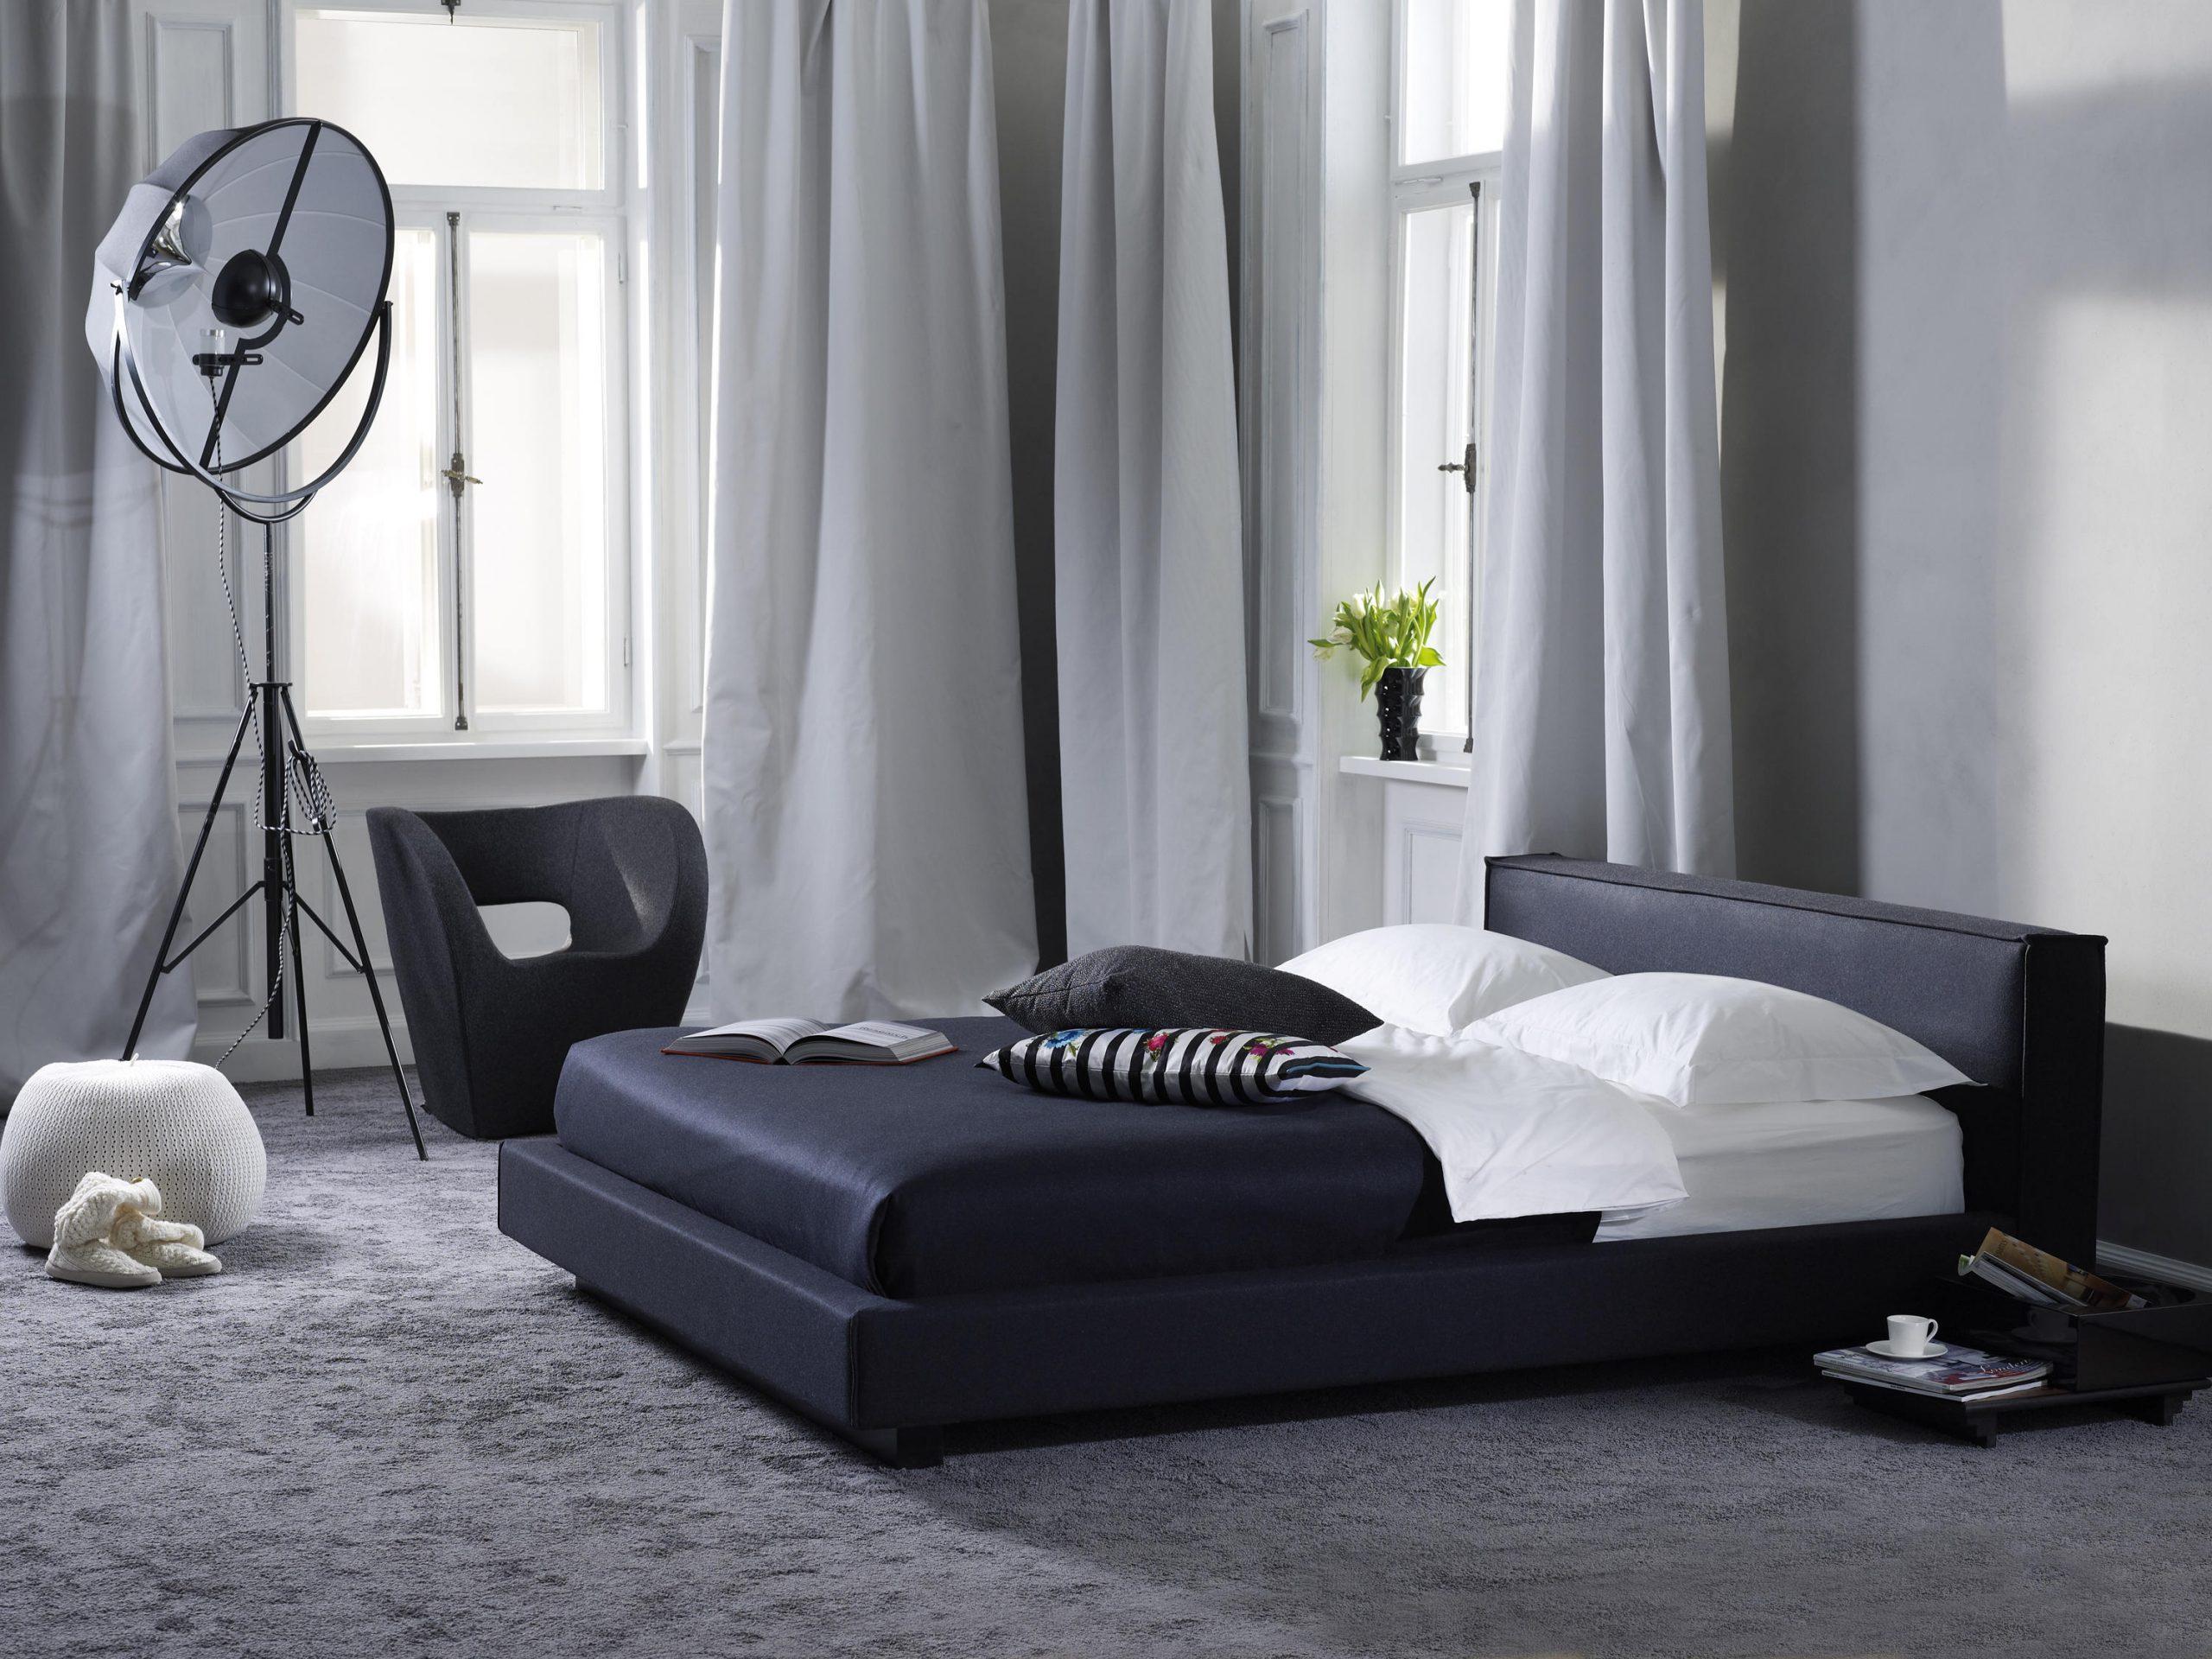 Full Size of Schramm Betten Französische Paradies Ebay 180x200 Massiv Ikea 160x200 Tagesdecken Für Amazon Wohnwert Hülsta Mit Stauraum Bett Schramm Betten